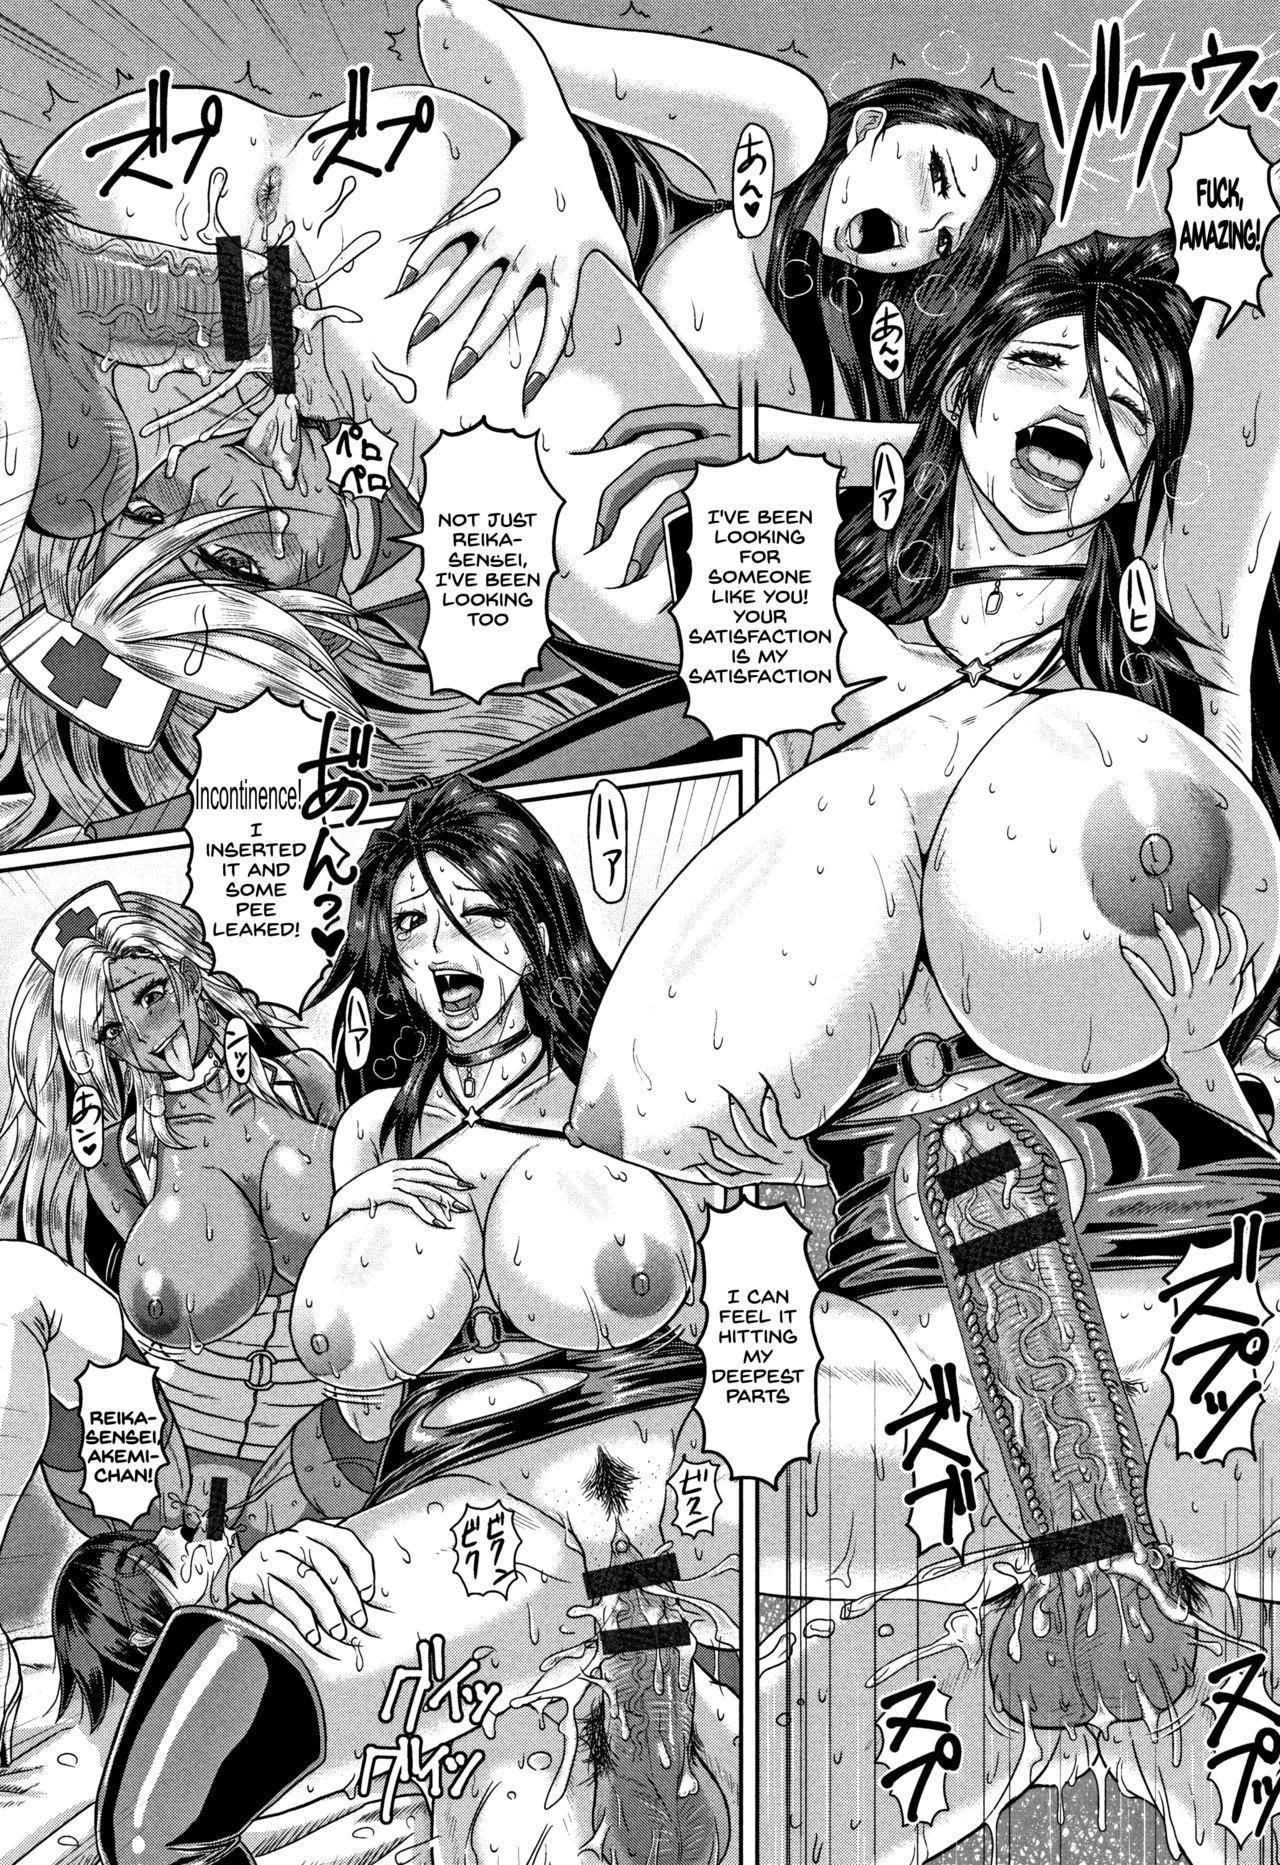 Kokoro to Karada Naoshite Ageru 17